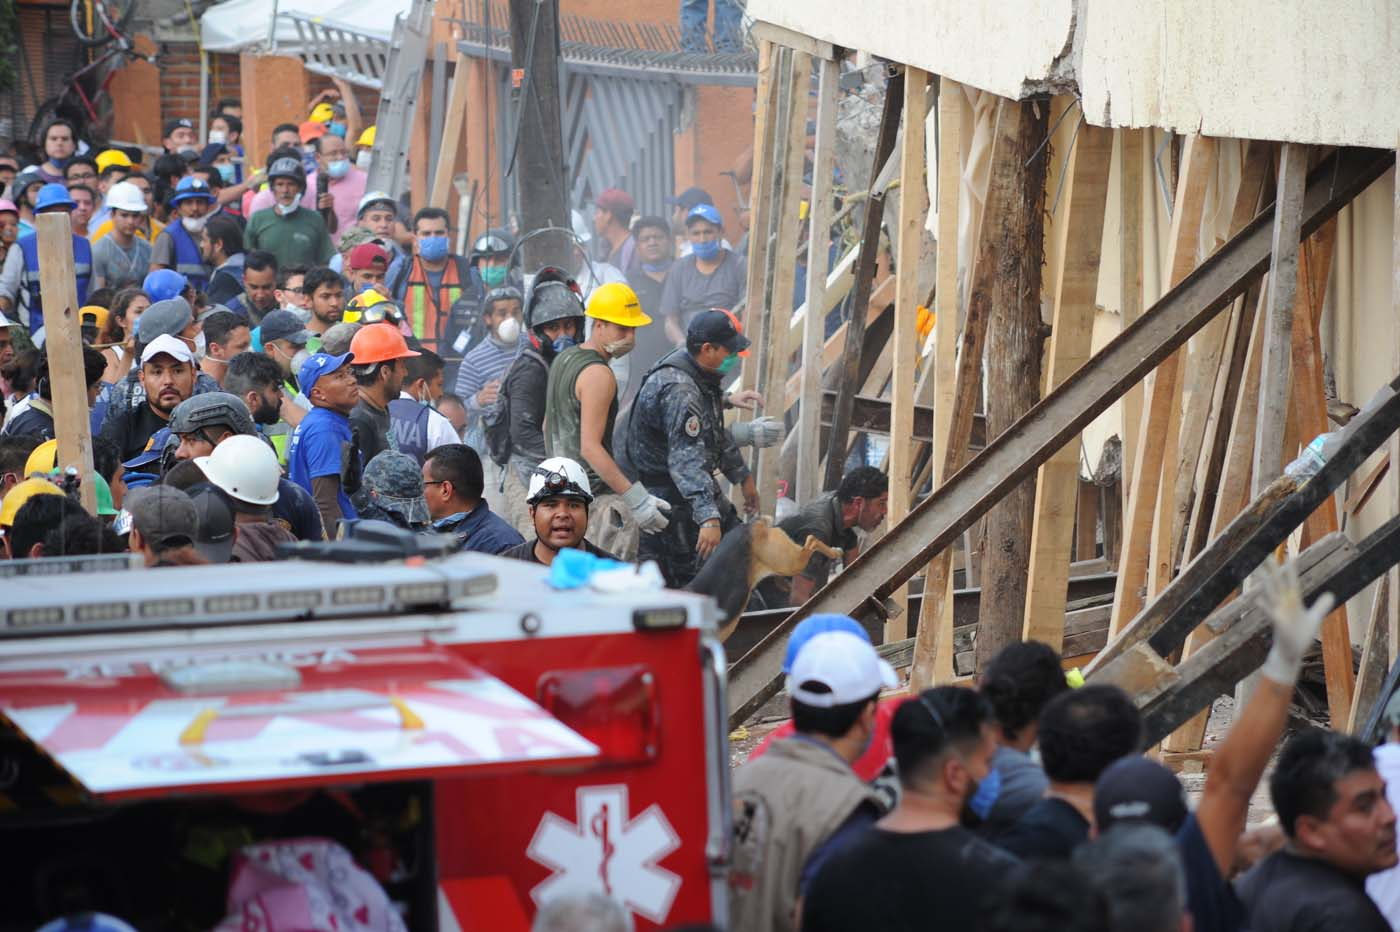 MEX143 CIUDAD DE MÉXICO (MÉXICO), 19/09/2017.- Rescatistas y voluntarios trabajan en las tareas de rescate en el Colegio Enrique Rebsamen hoy, martes 19 de septiembre de 2017, en Ciudad de México (México). Por lo menos 20 niños y dos adultos murieron, y otras 38 personas están desaparecidas, en una escuela que se derrumbó en el sur de Ciudad de México a causa del sismo que hoy sacudió amplias porciones del país, informó el presidente Enrique Peña Nieto. EFE/STR